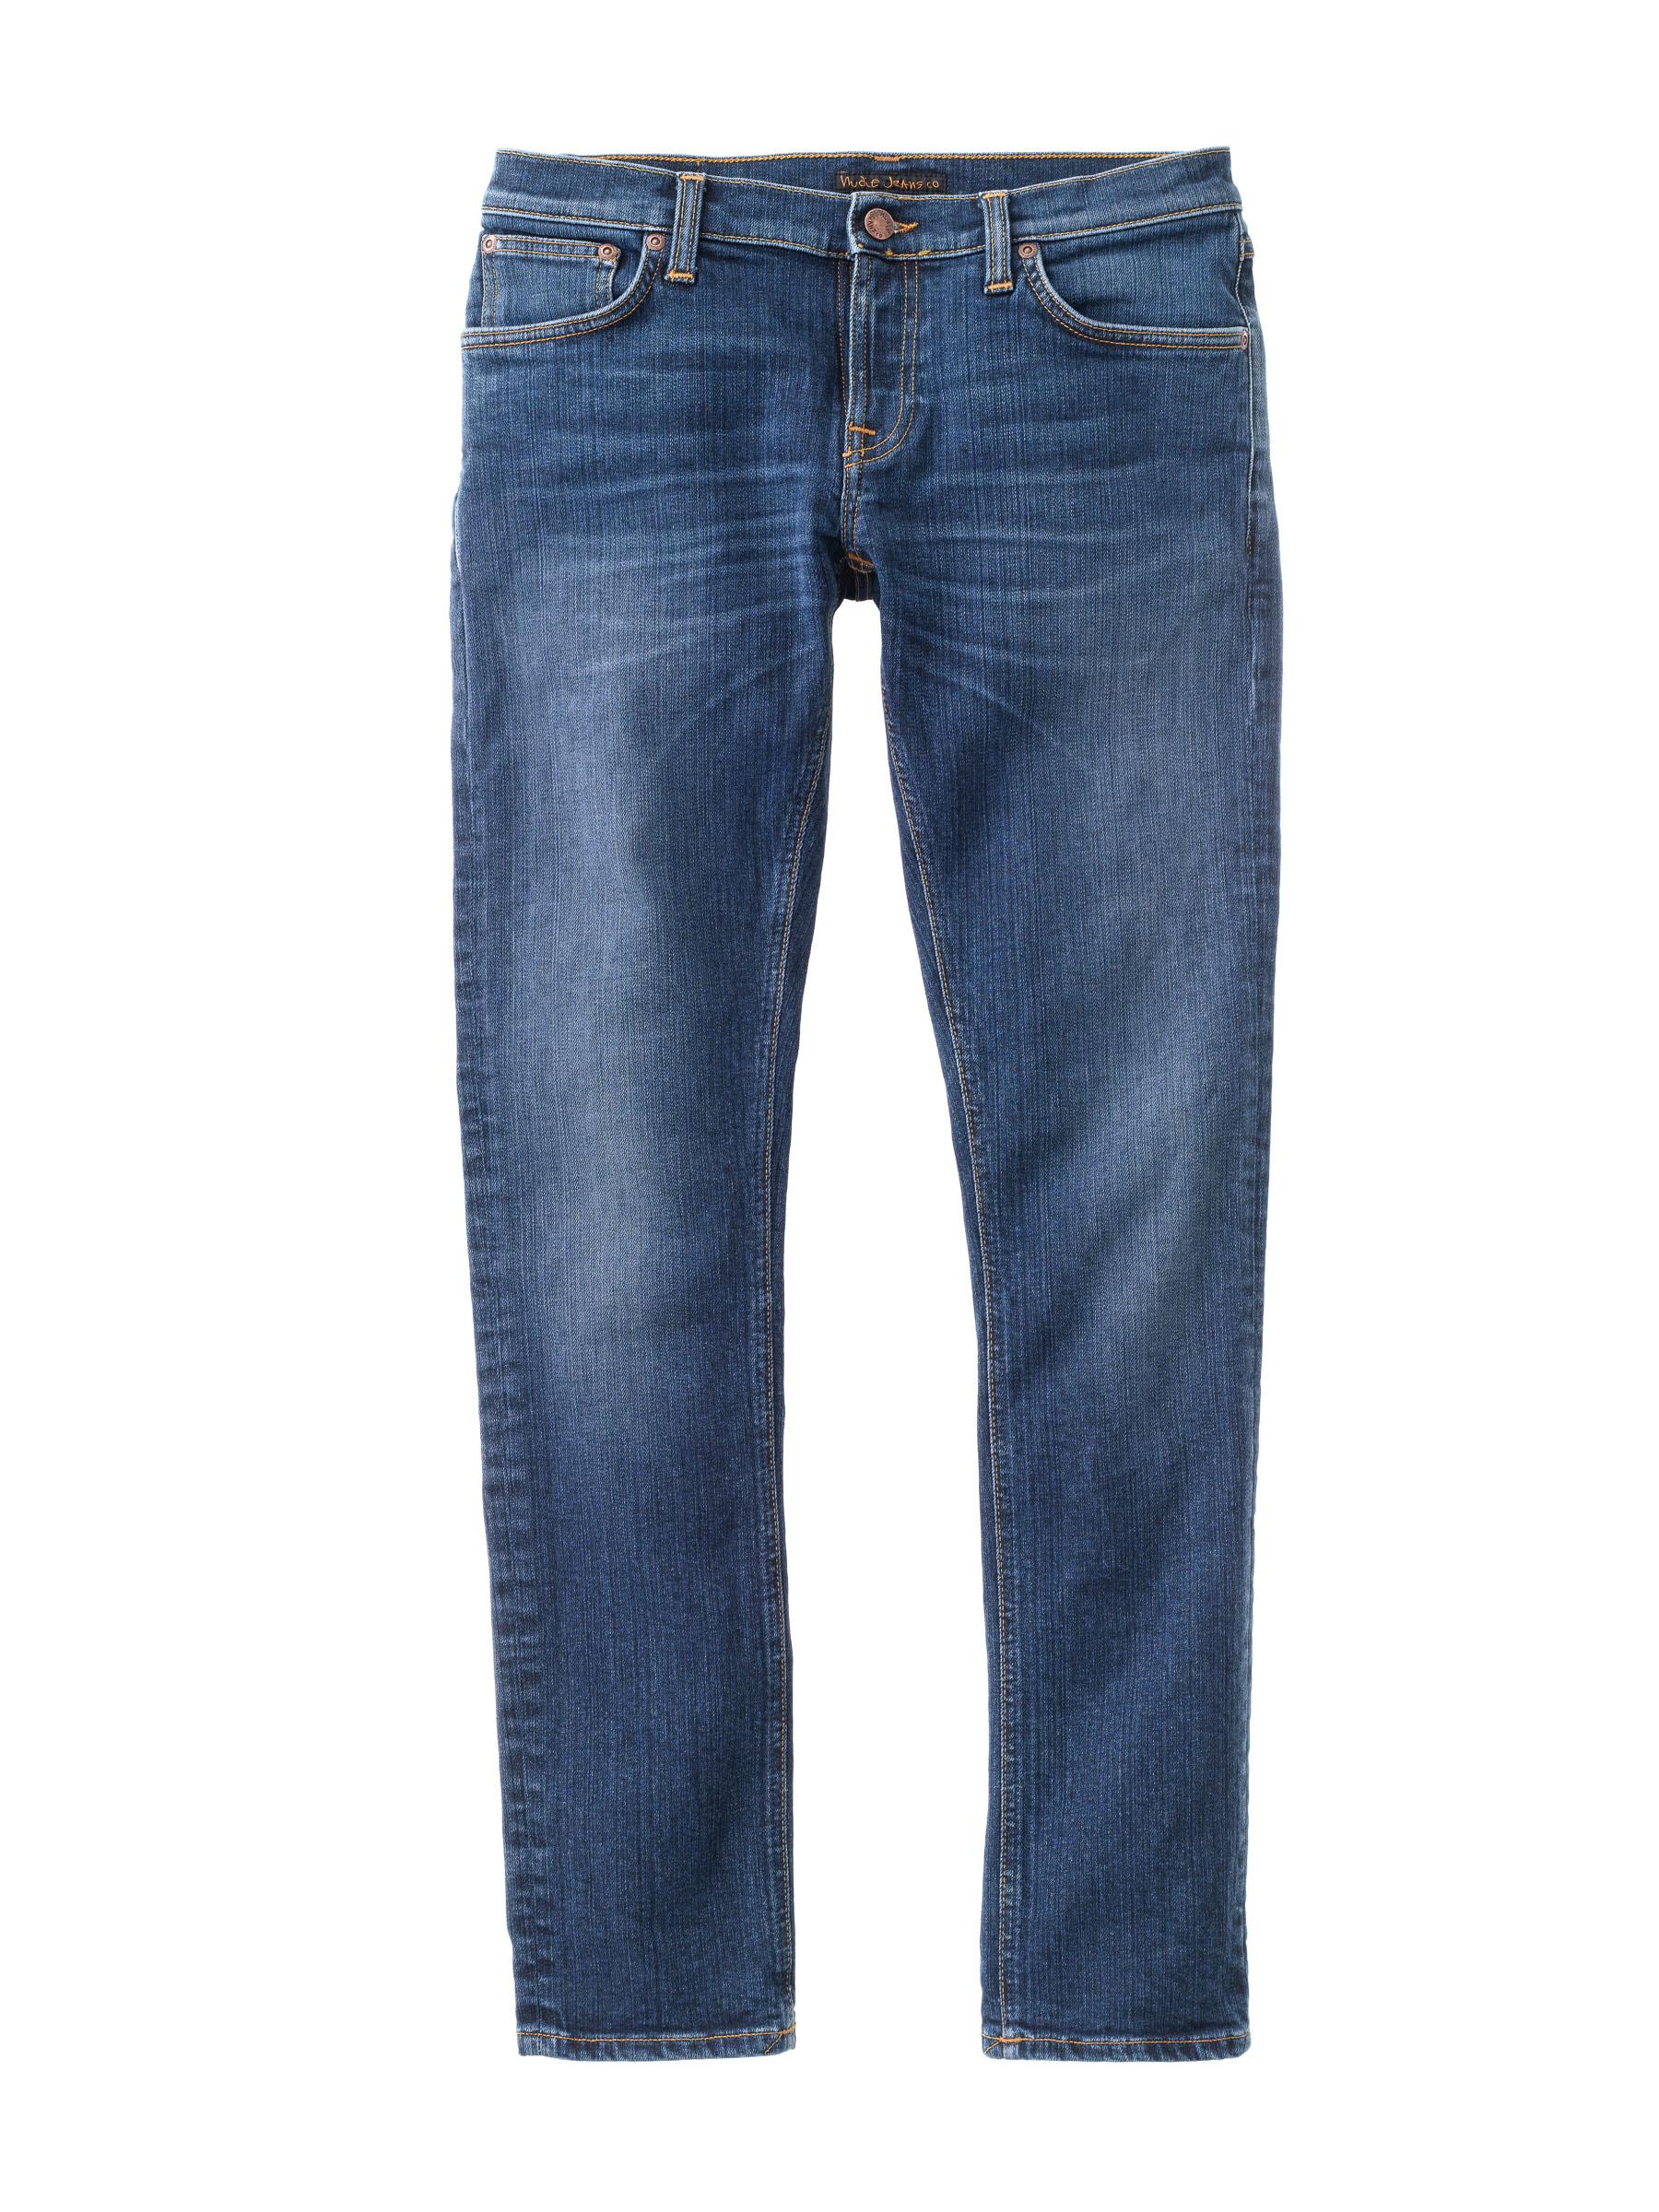 svarta jeans tappar färg